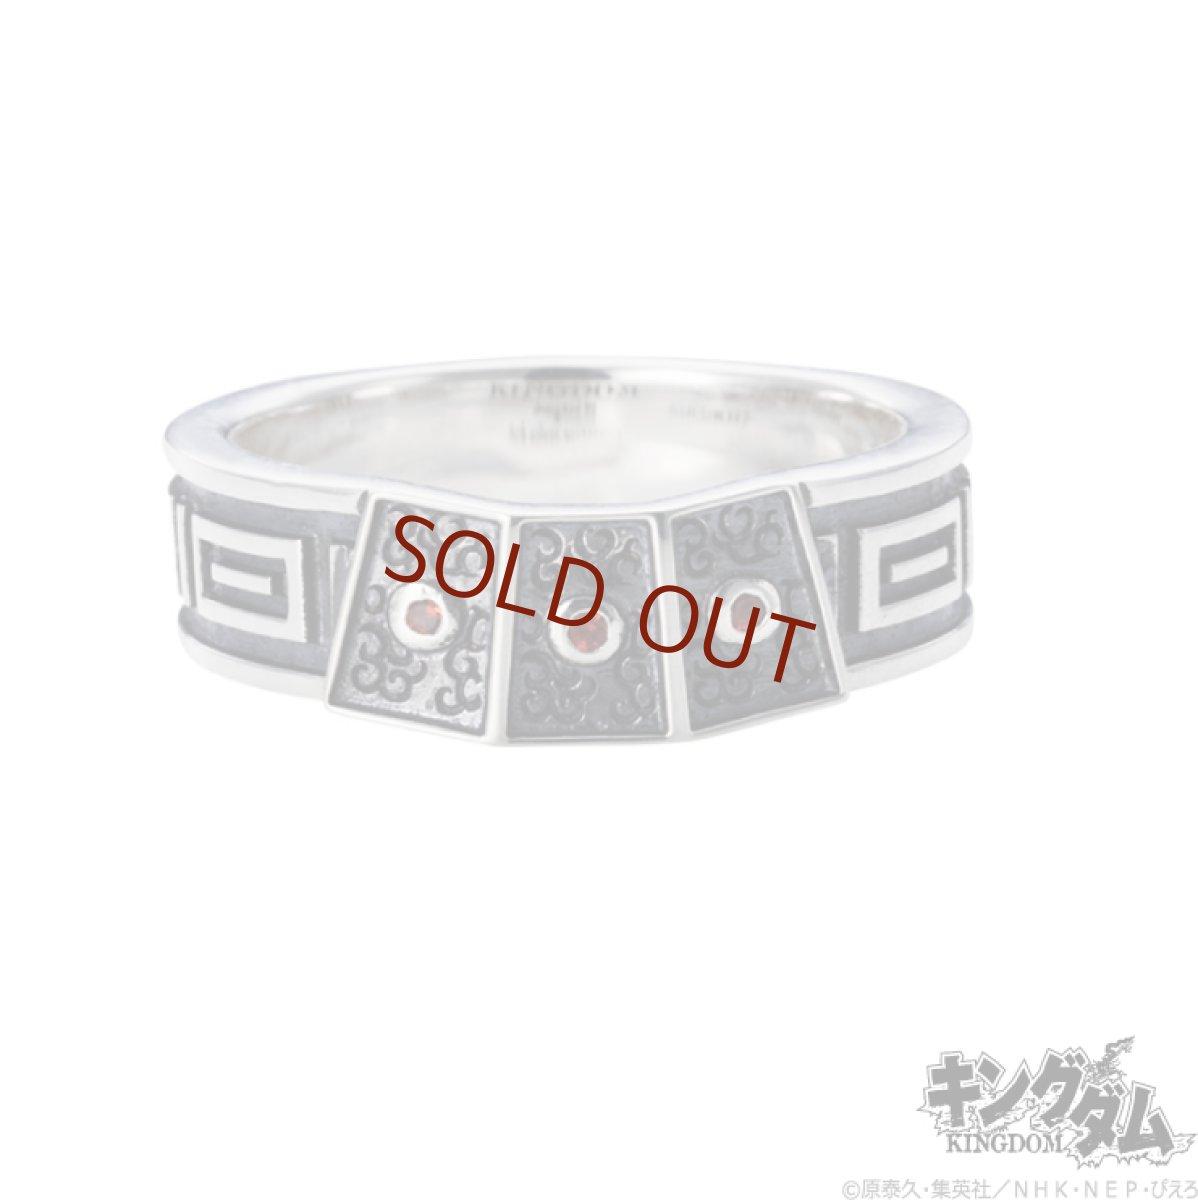 [キングダム 公式コラボアクセサリー]信(しん)モデルシルバーリング 【Ark silver accessories】